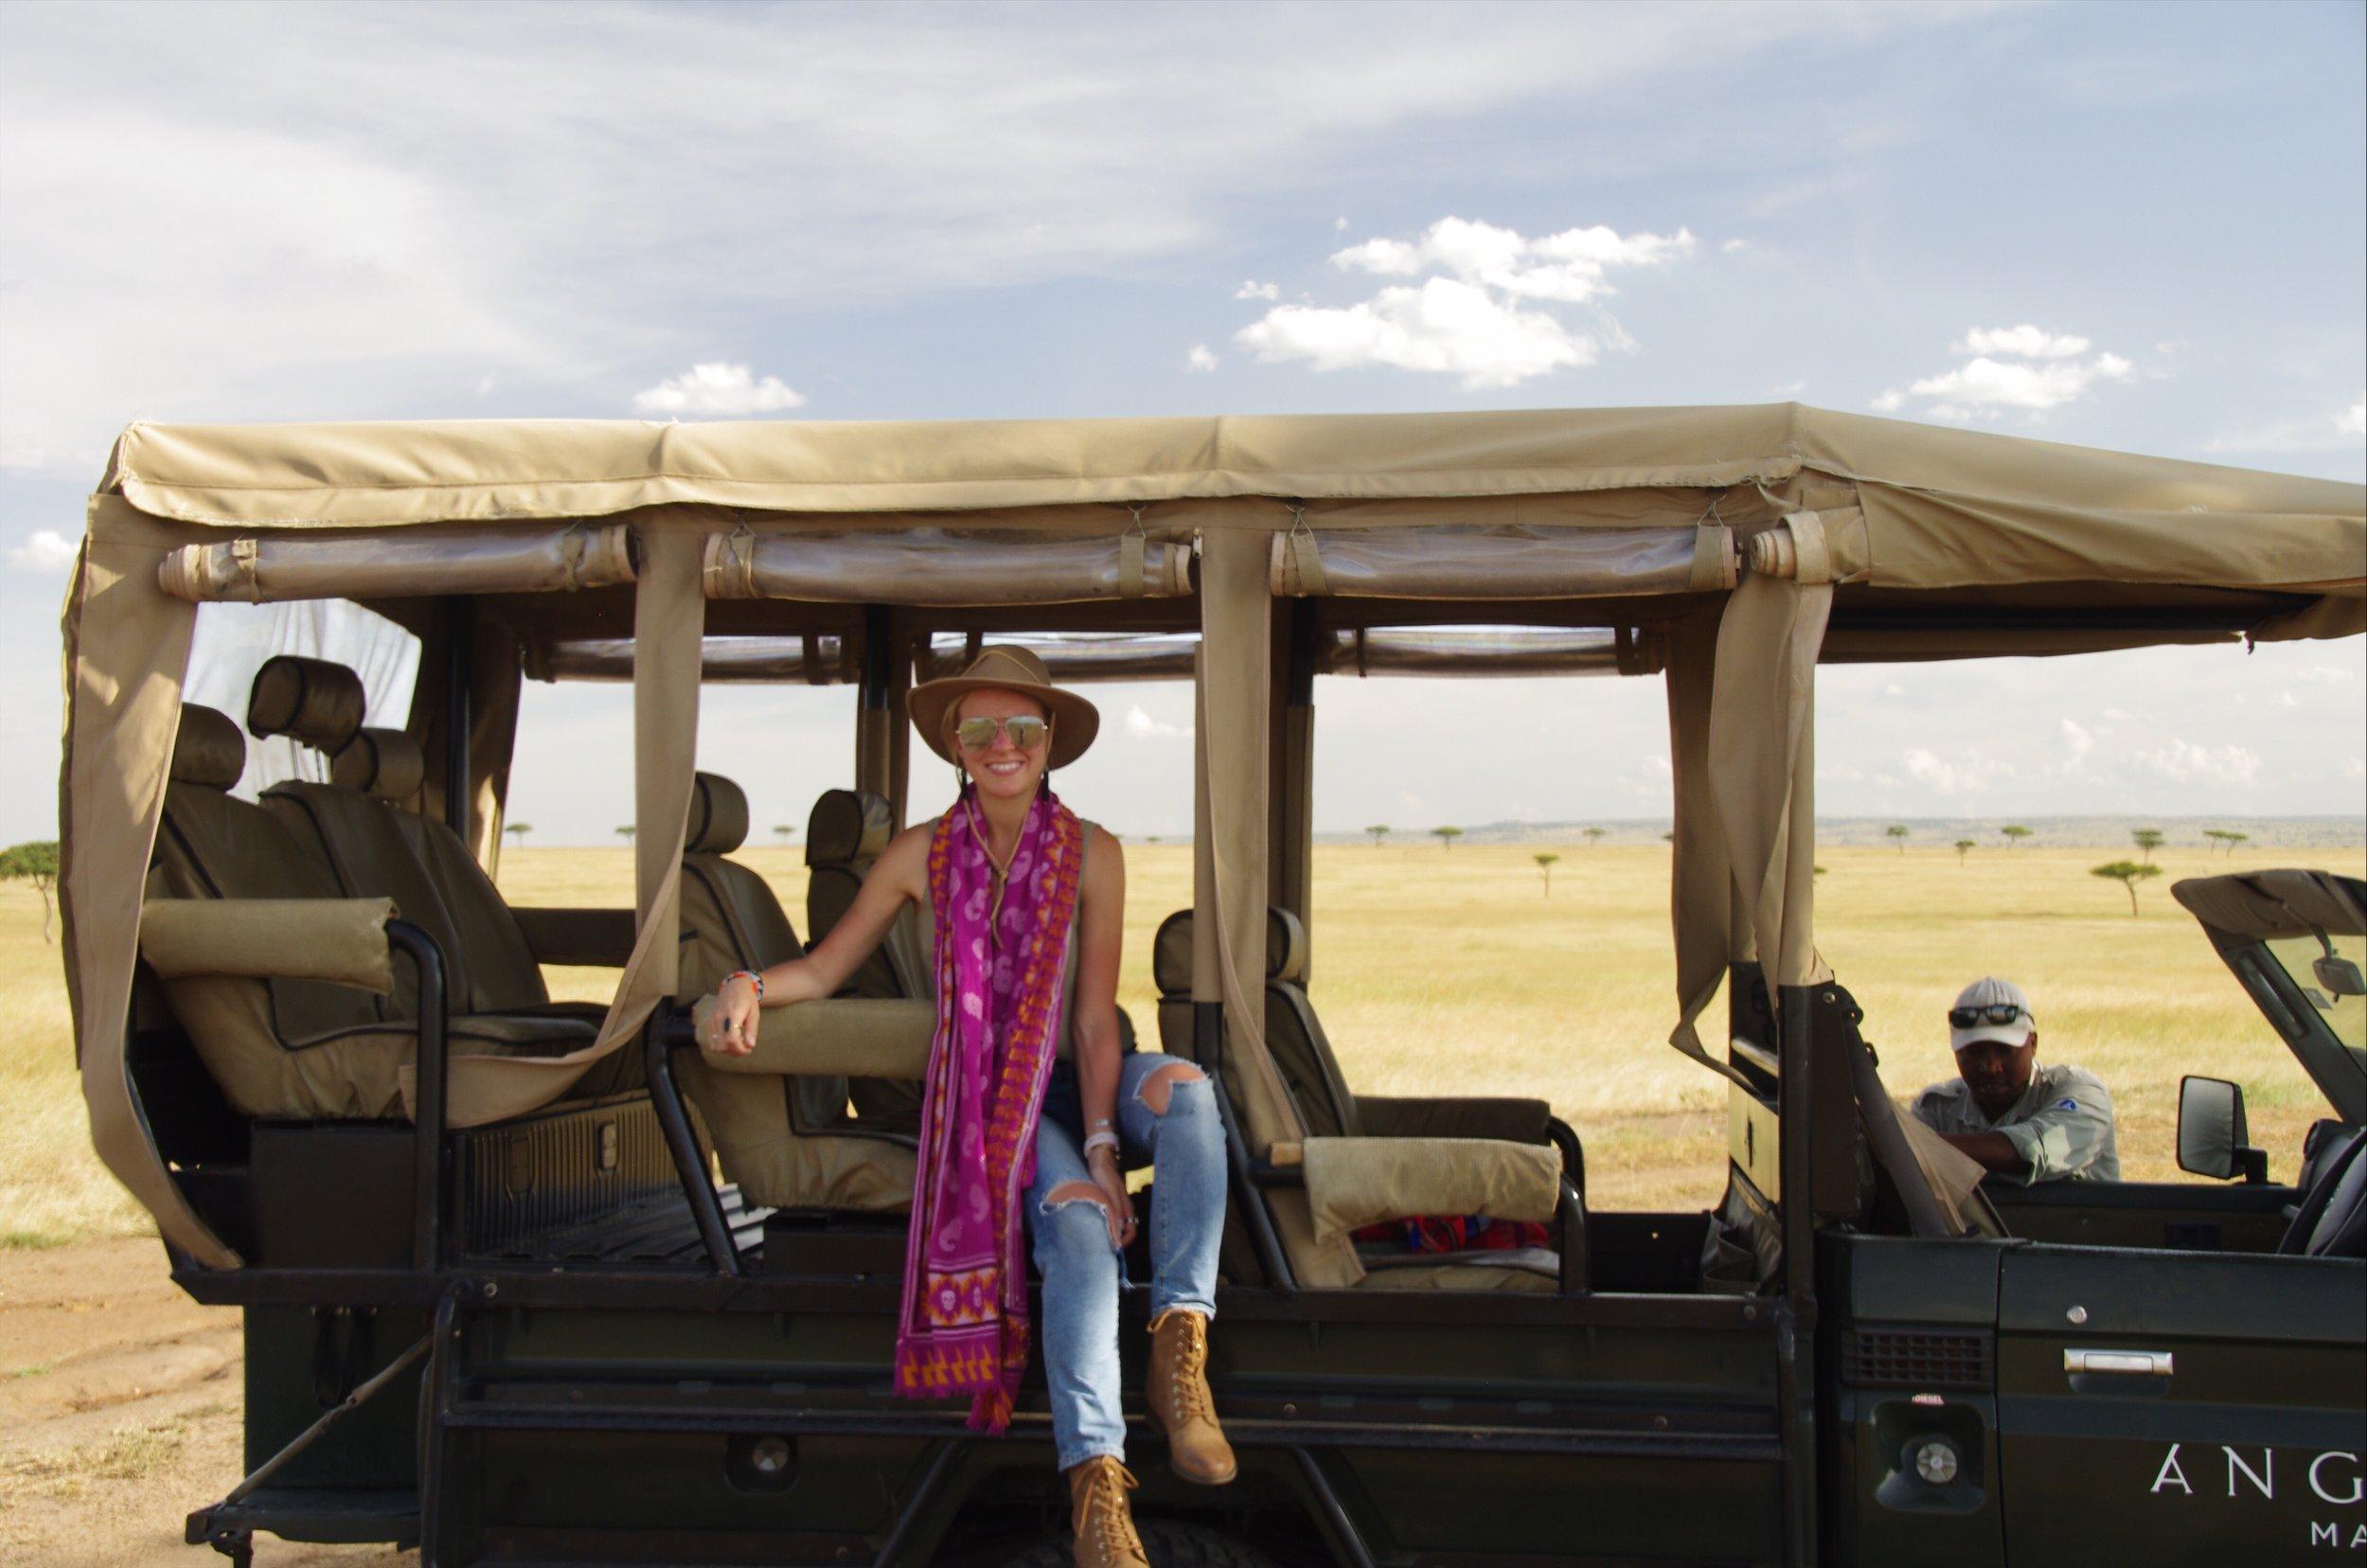 angama mara kenya masai mara safari